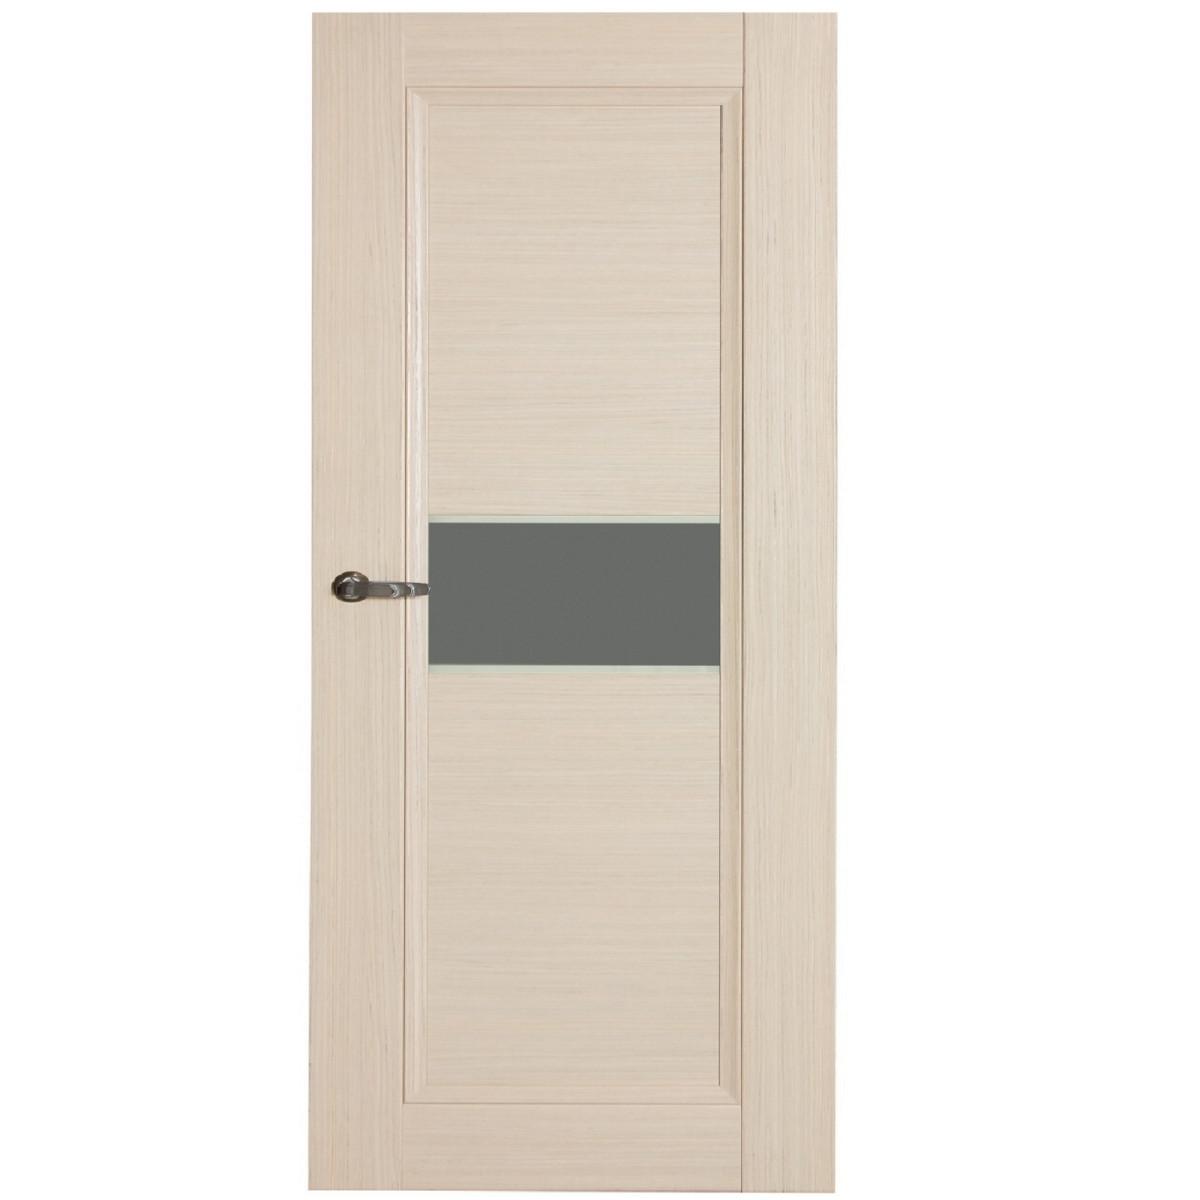 Дверь межкомнатная остеклённая Конкорд cpl 70x200 см цвет выбеленый дуб